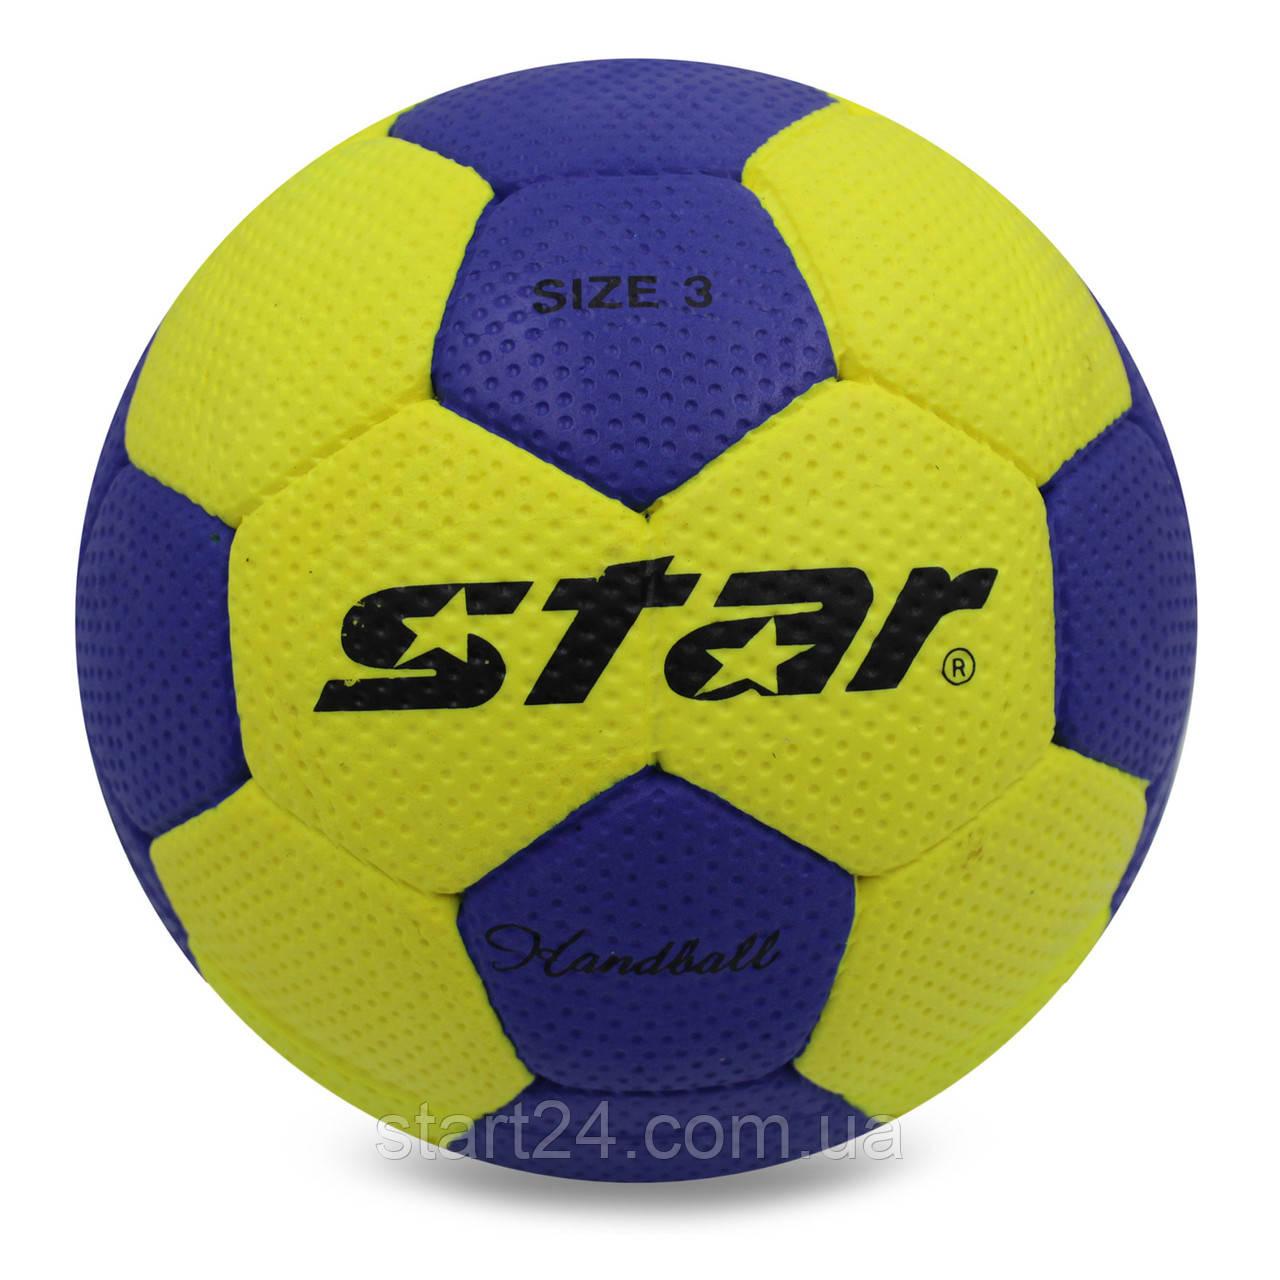 Мяч для гандбола Outdoor покрытие вспененная резина STAR JMC003 (PU, р-р 3, синий-желтый)